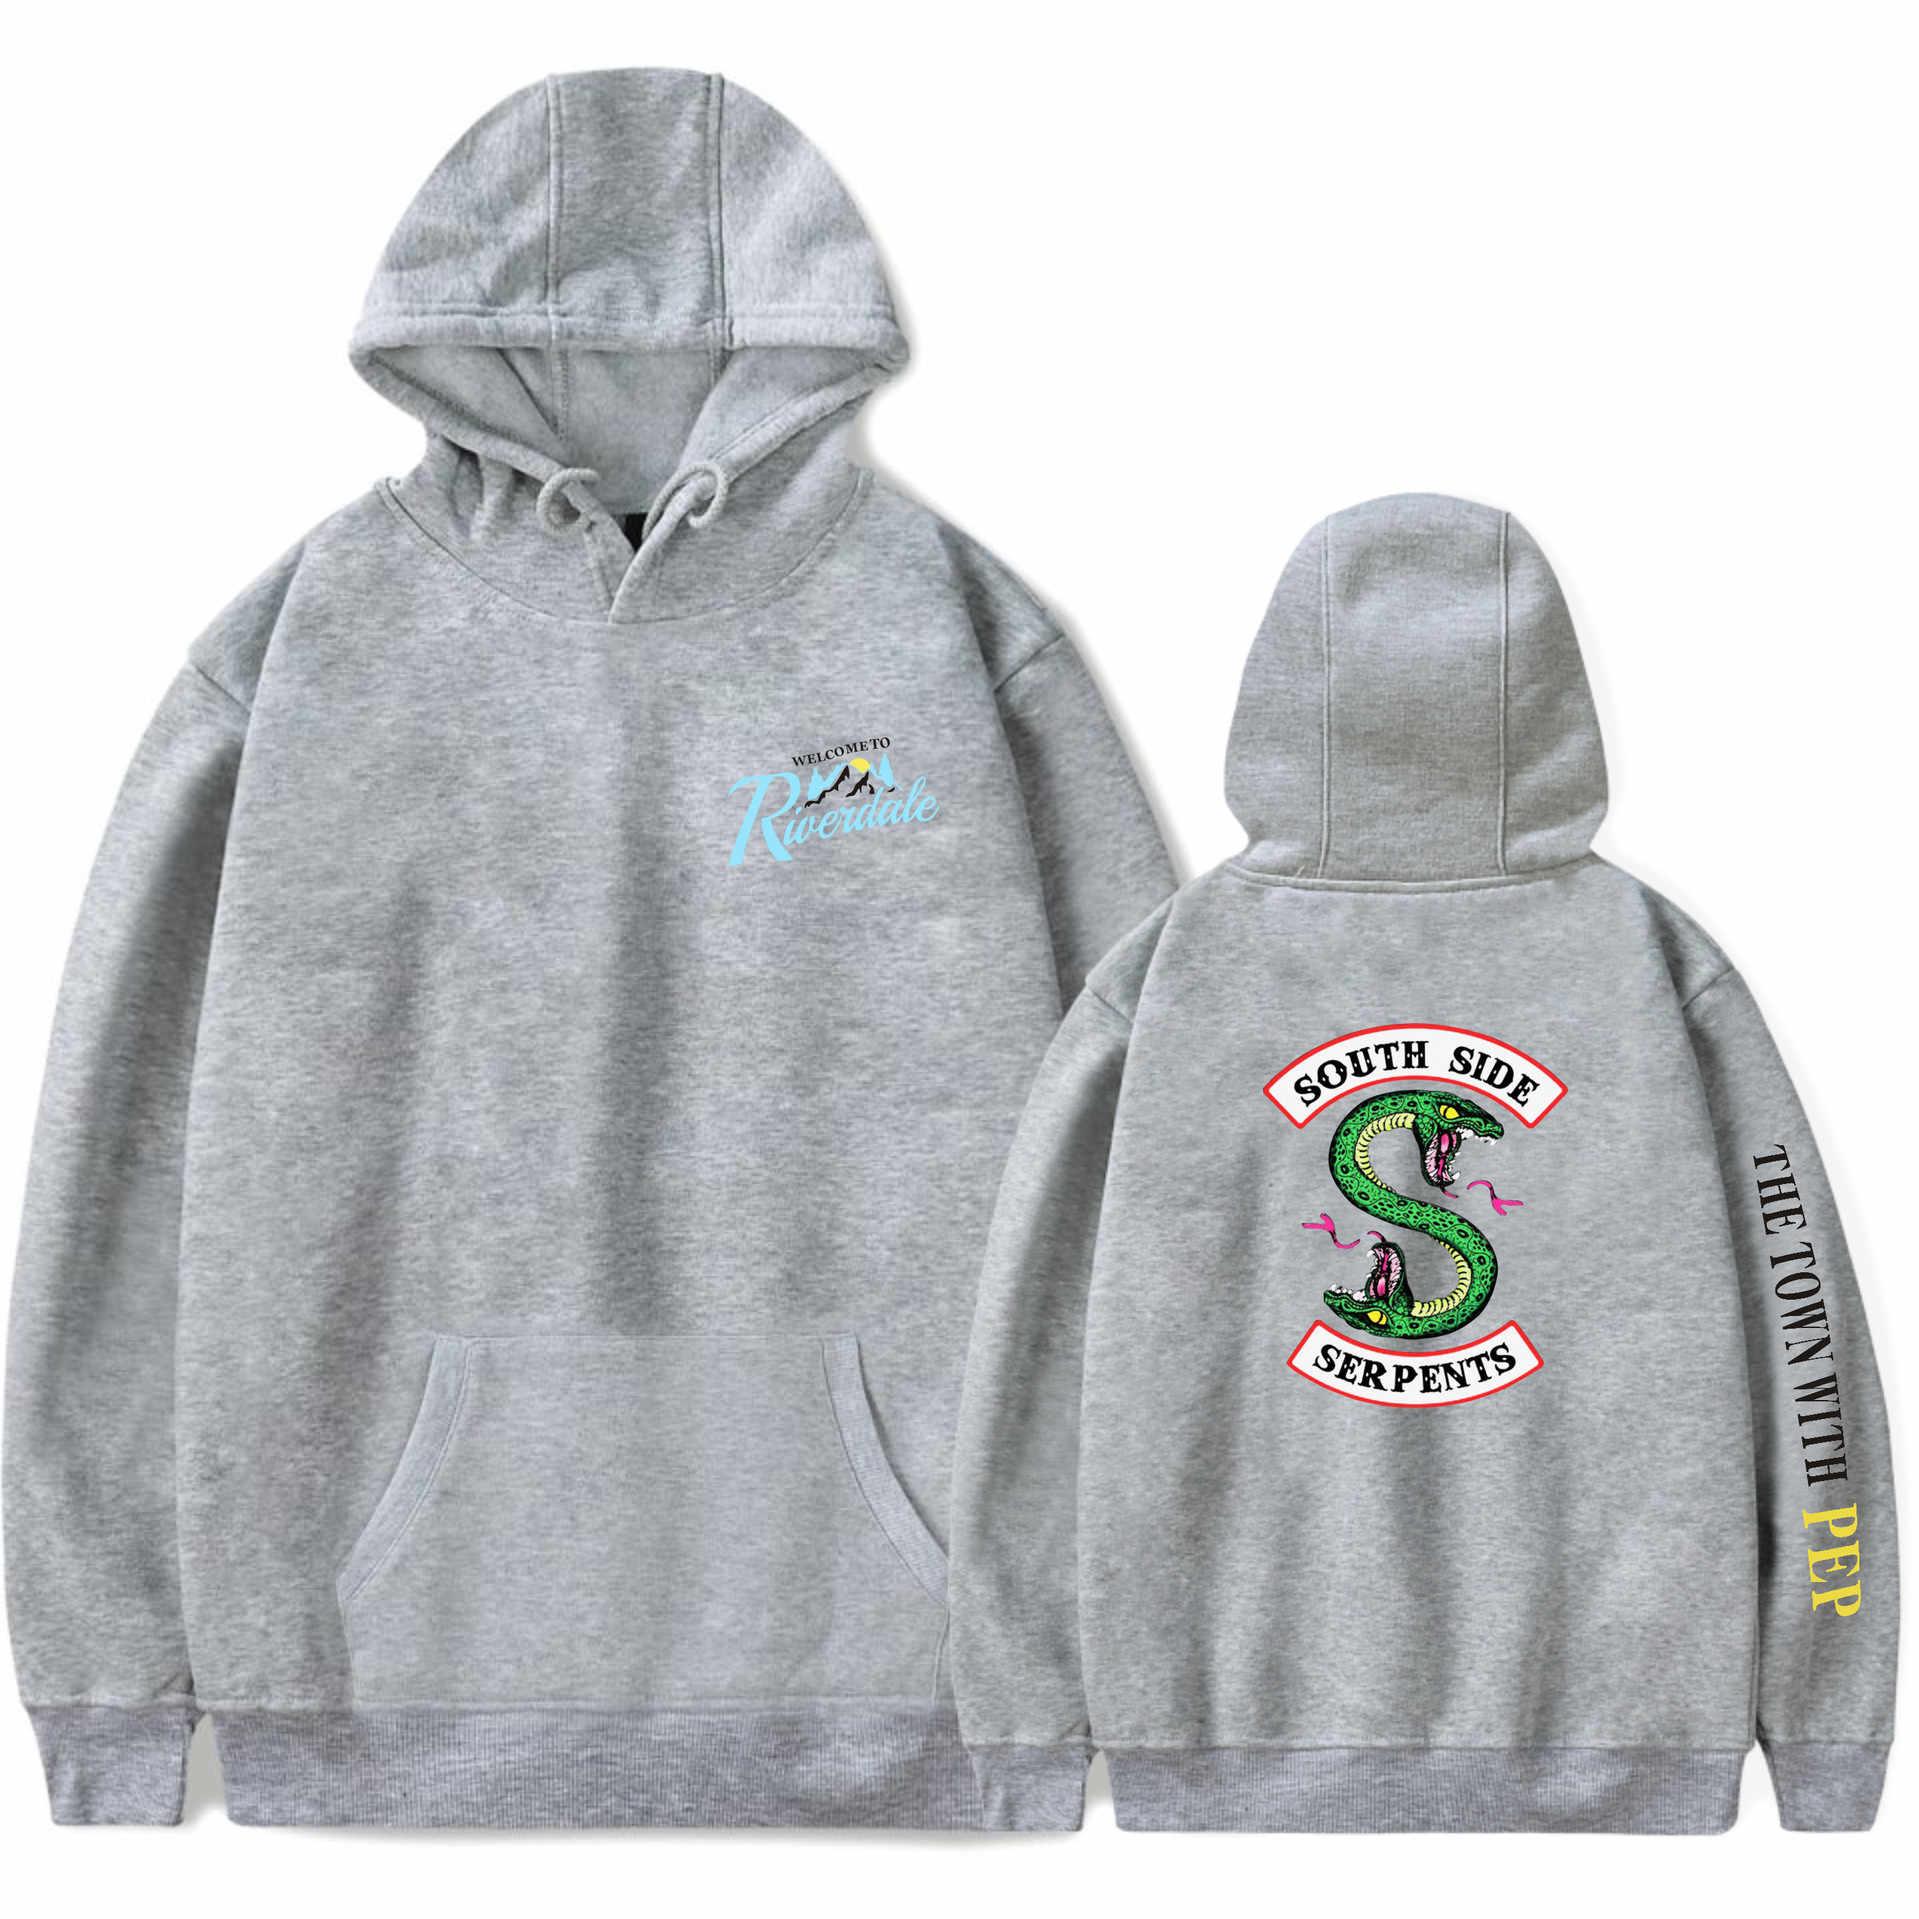 New Riverdale Hoodies Pullovers Tops Plus Size South Side Serpents Streetwear Women Long Sleeve Hoodie Sweatshirt Casual Hooded